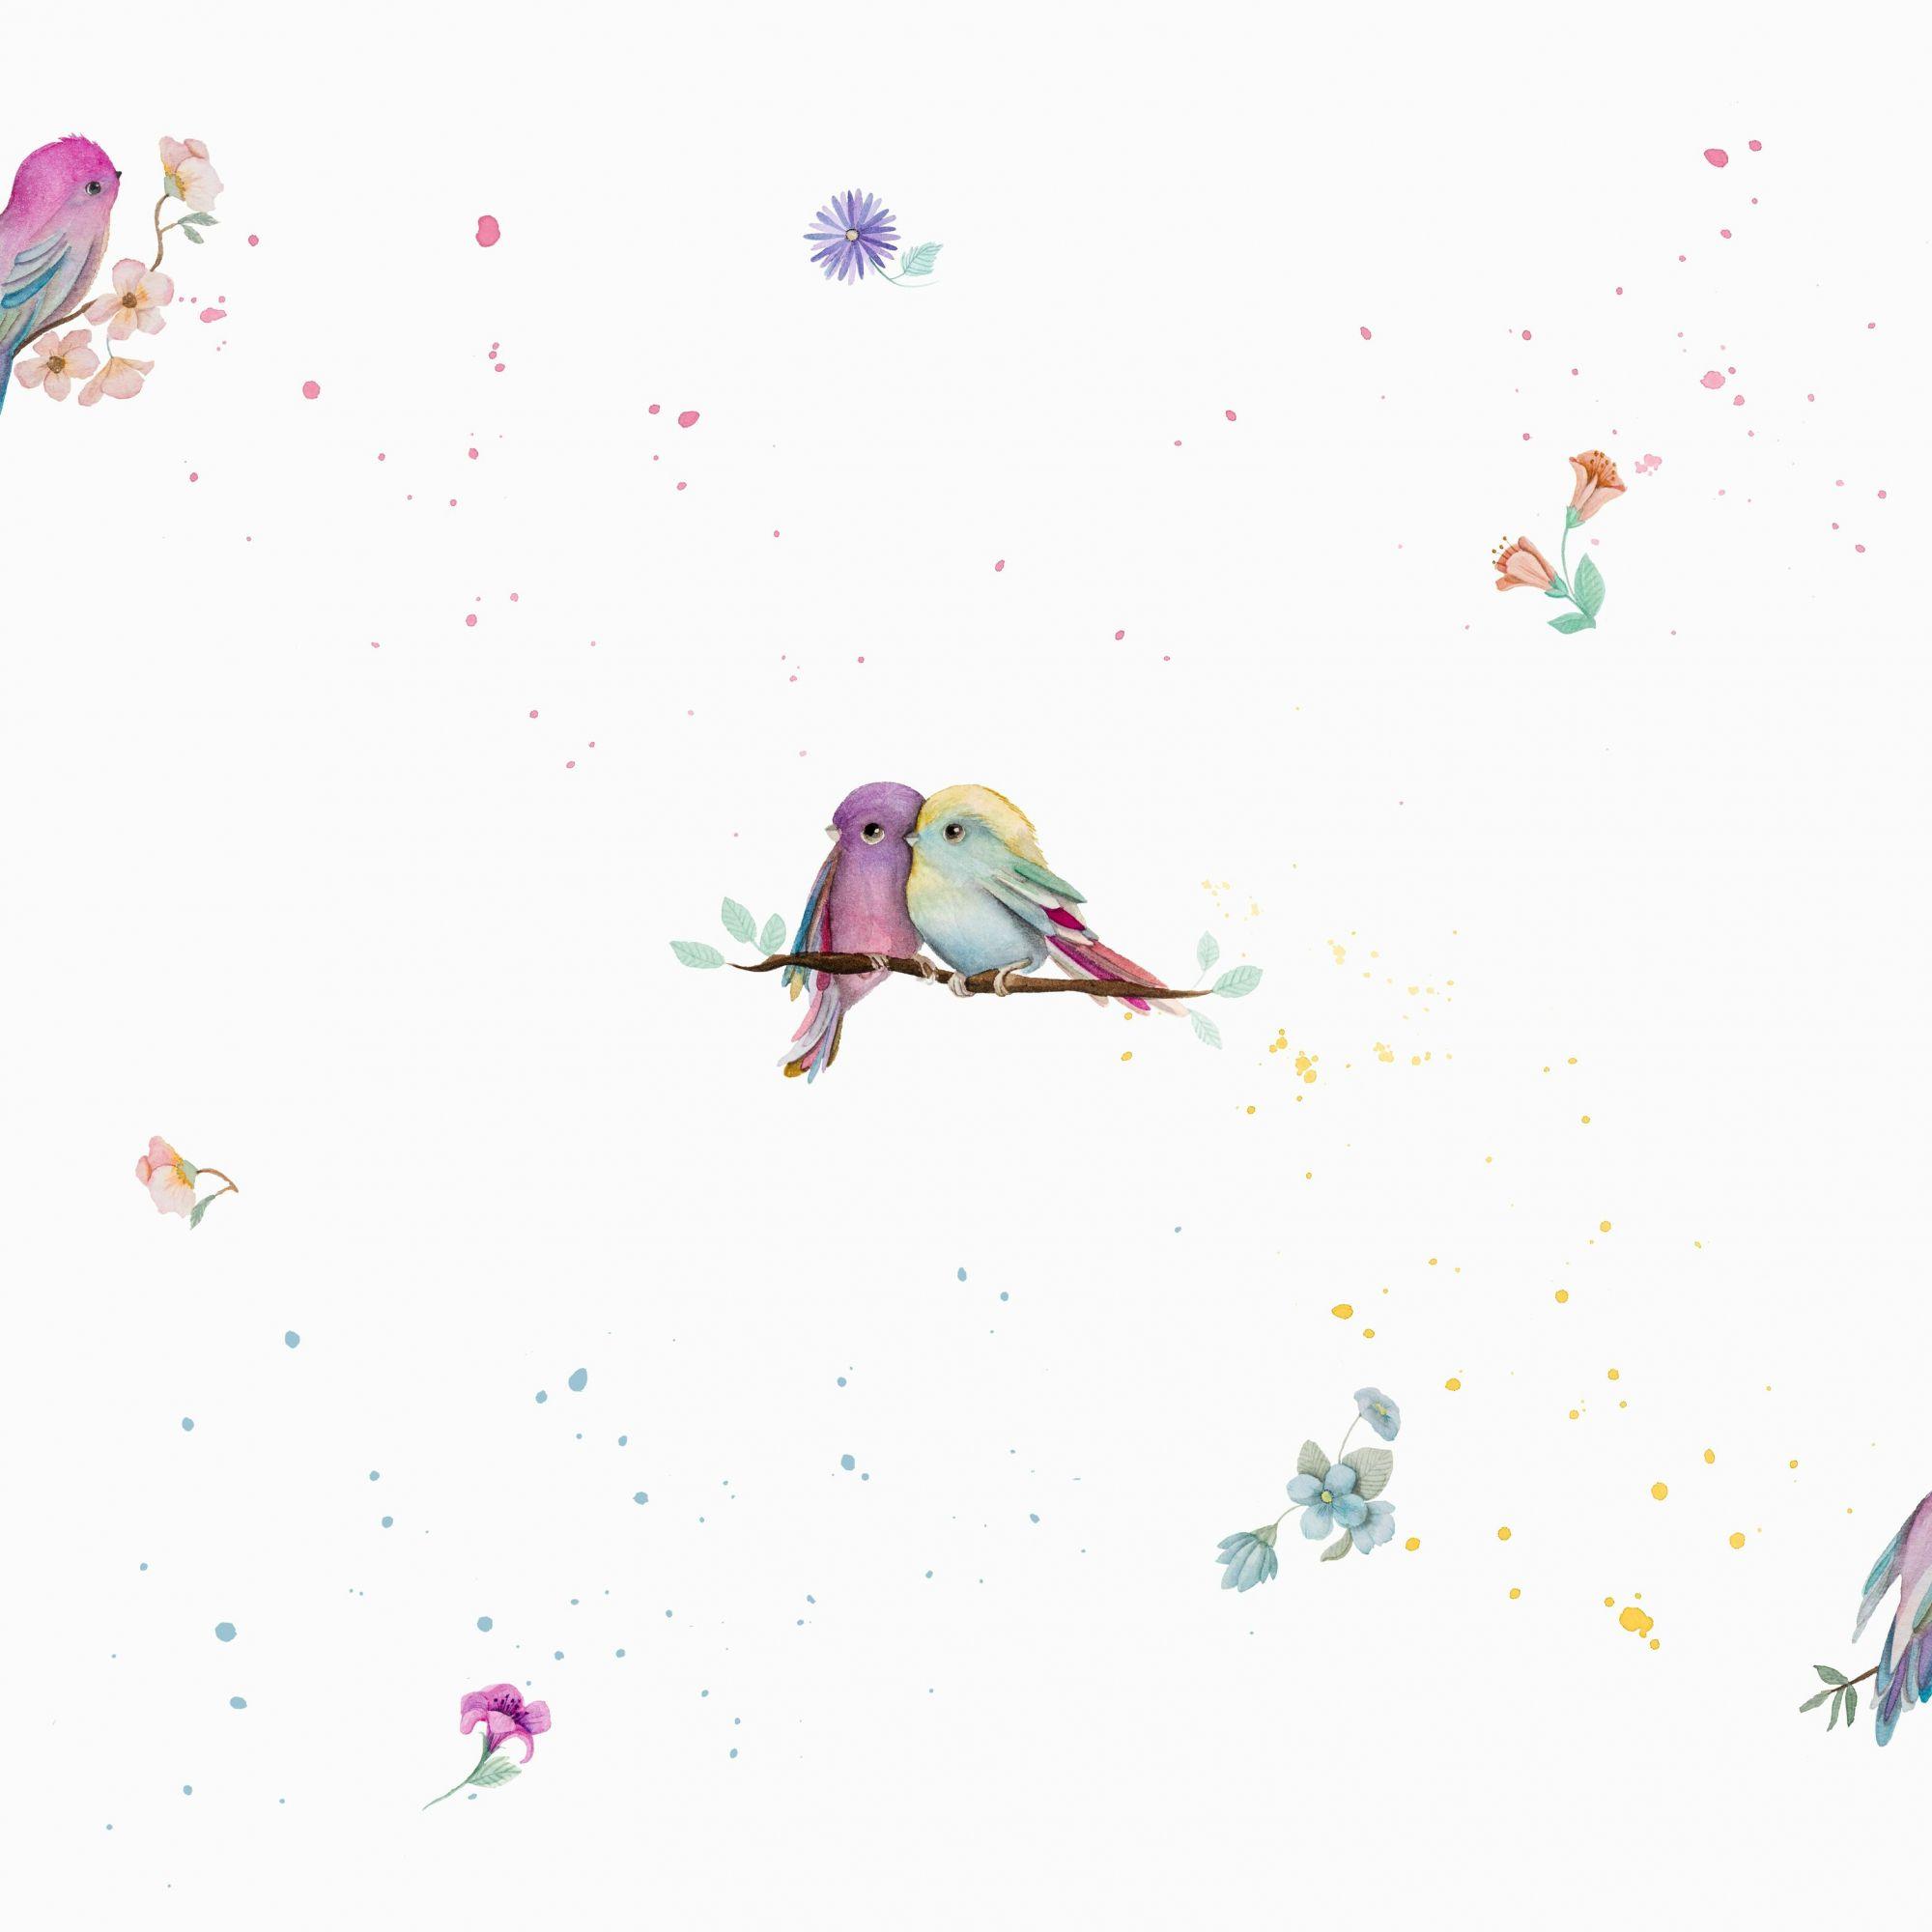 Papel de Parede Infantil Bobinex Vinílico Coleção Brincar Pássaros Creme, Lilás, Azul